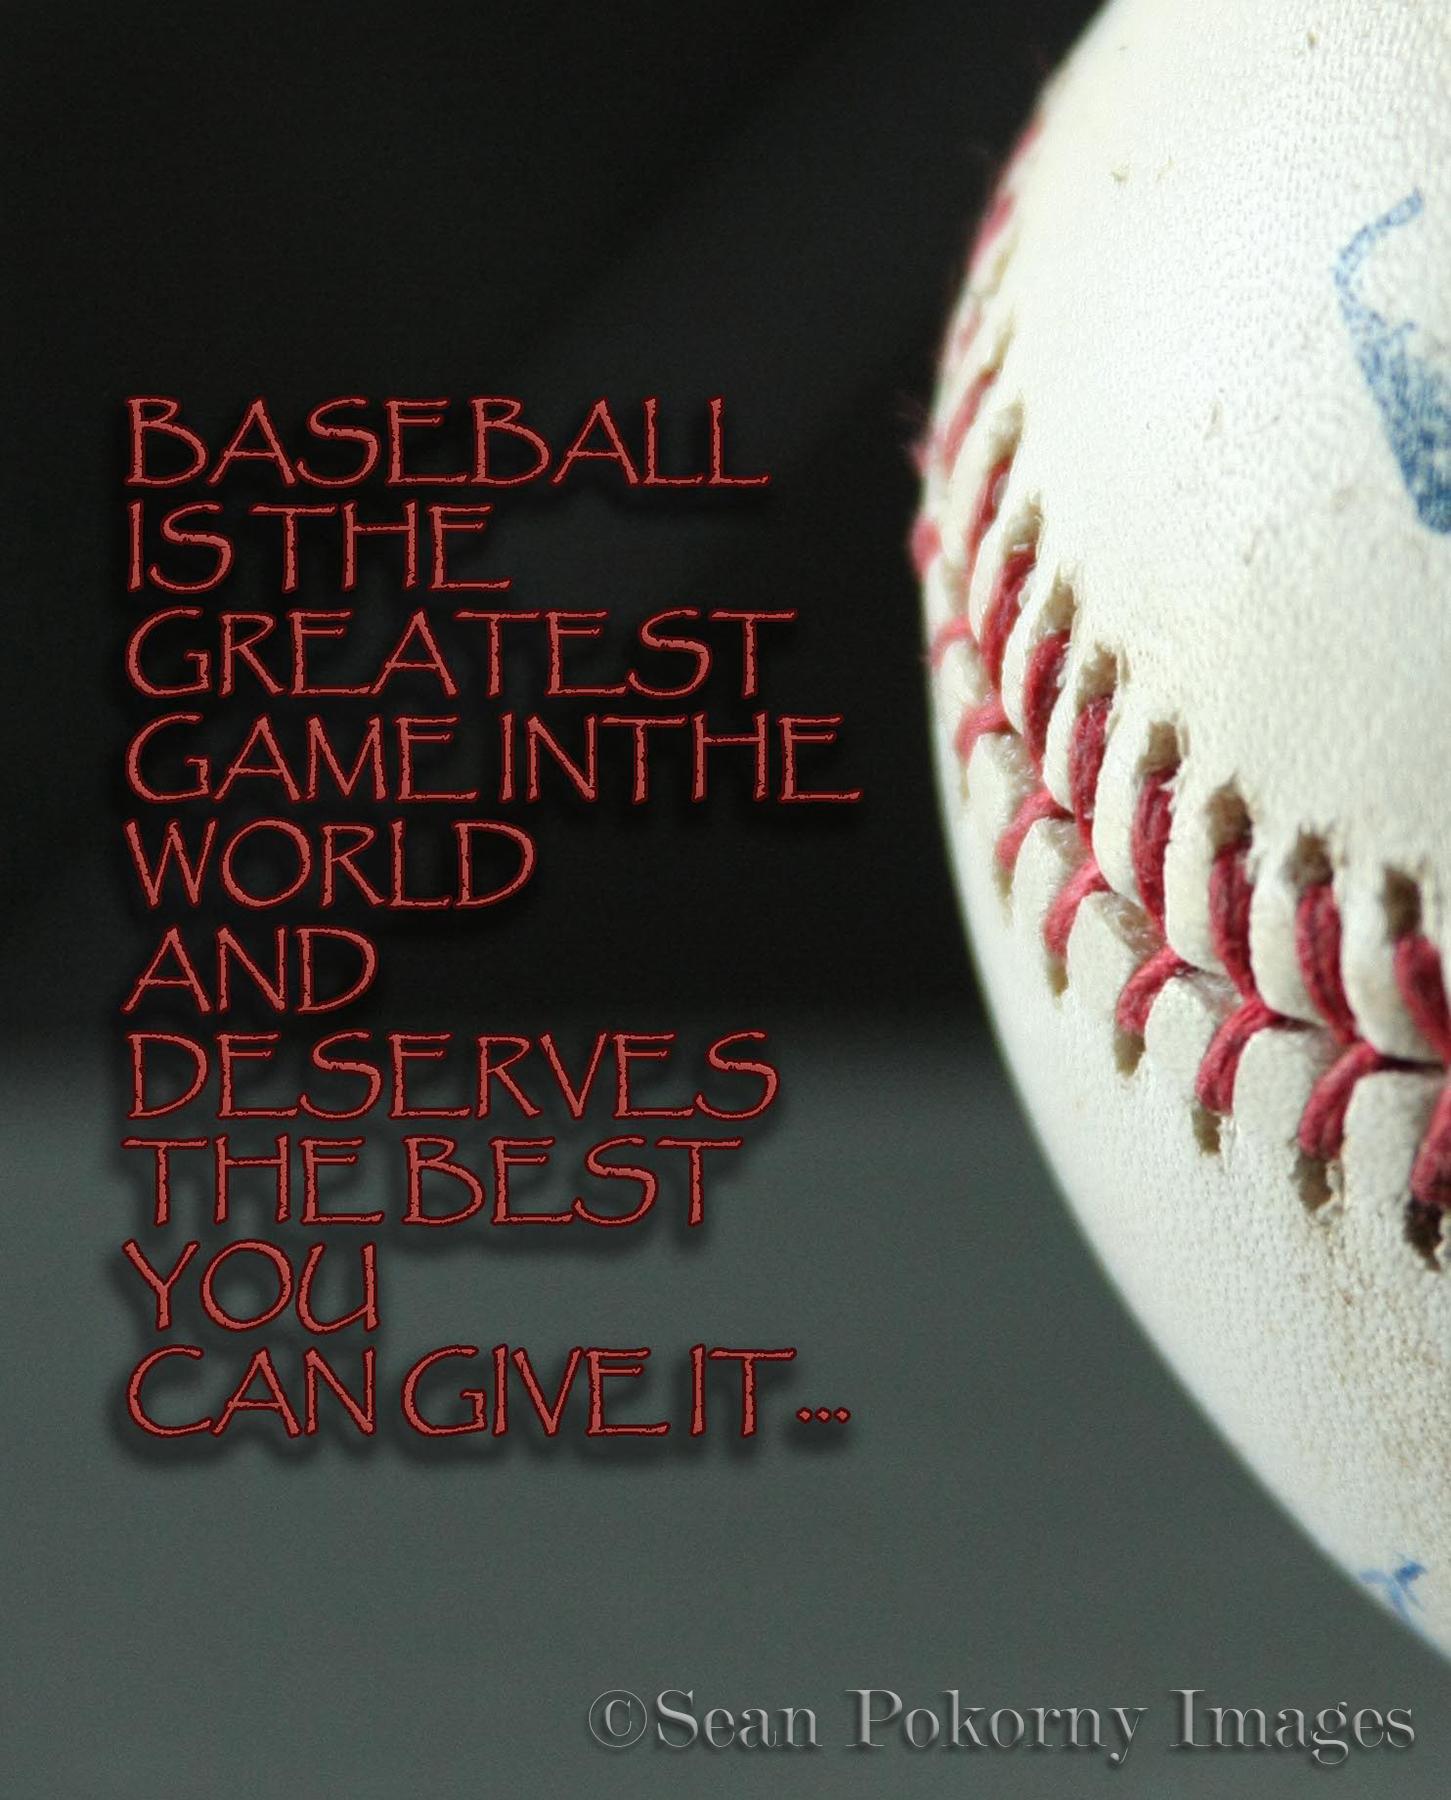 Carlton Fisk's quote #4